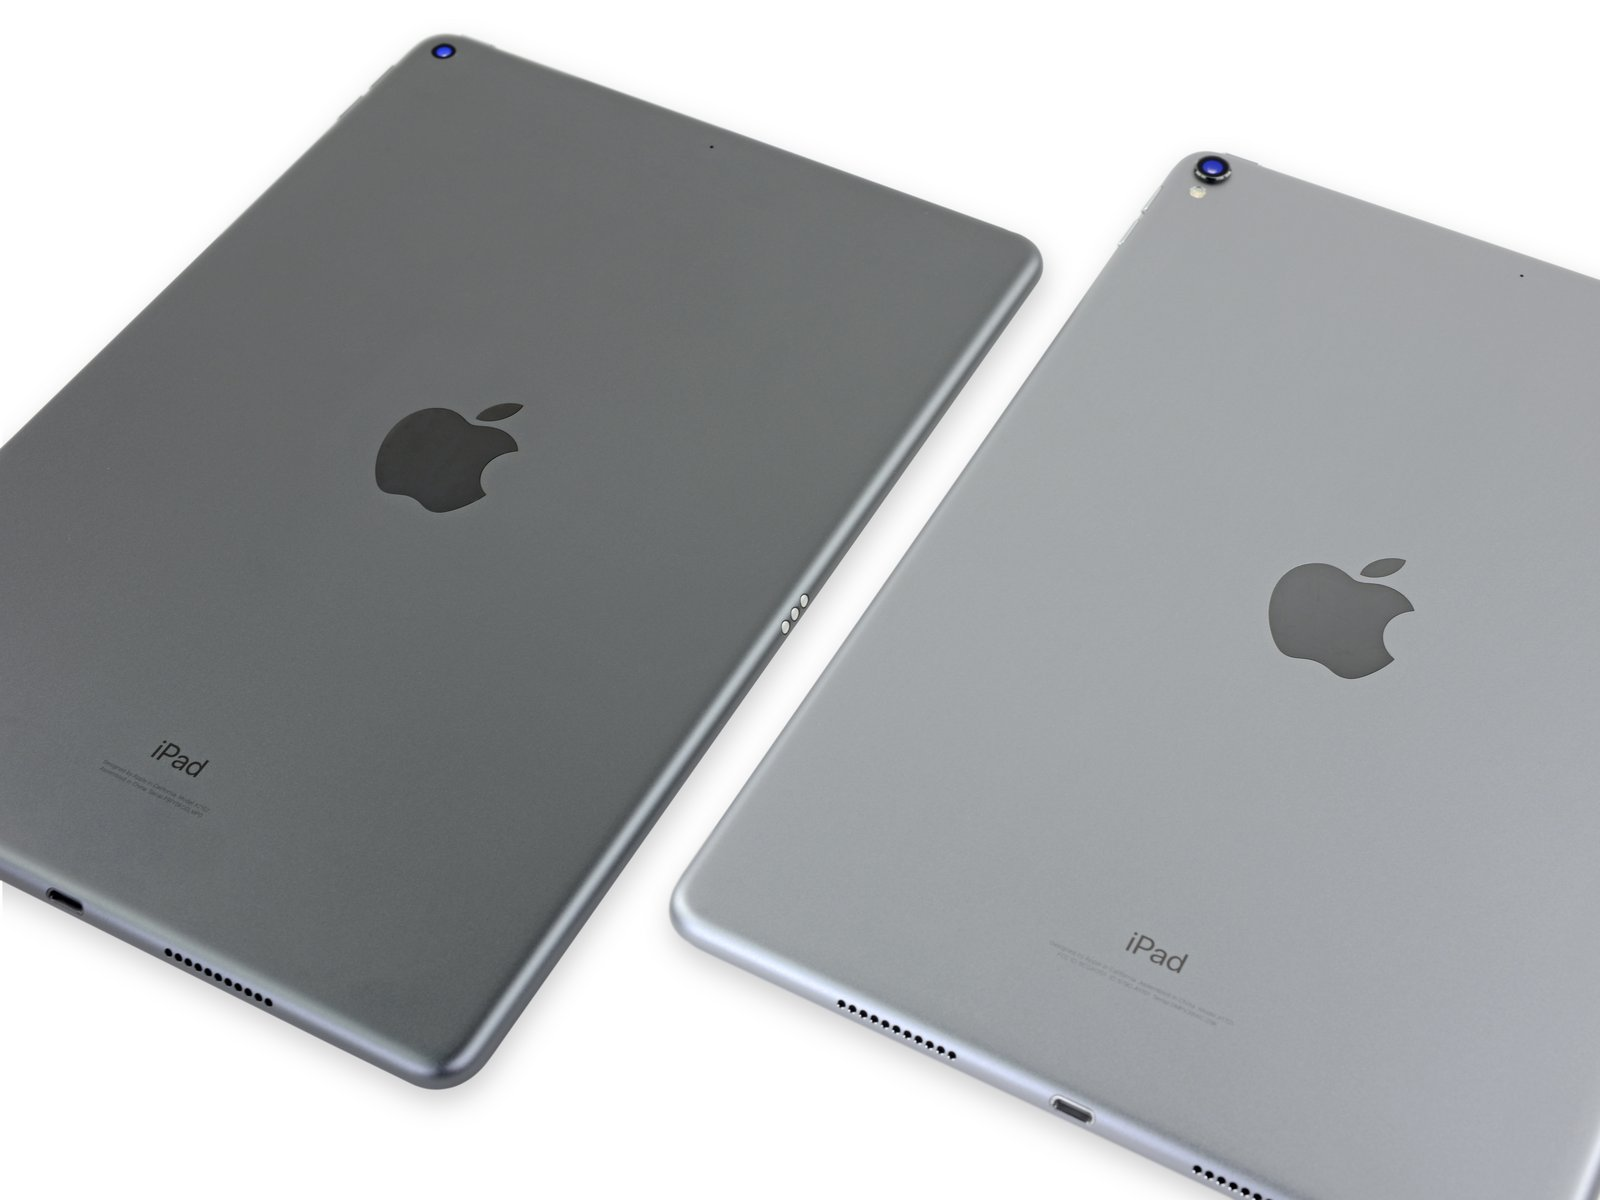 iPad Air 3 comparado con el iPad Pro del 2017 (a la derecha)